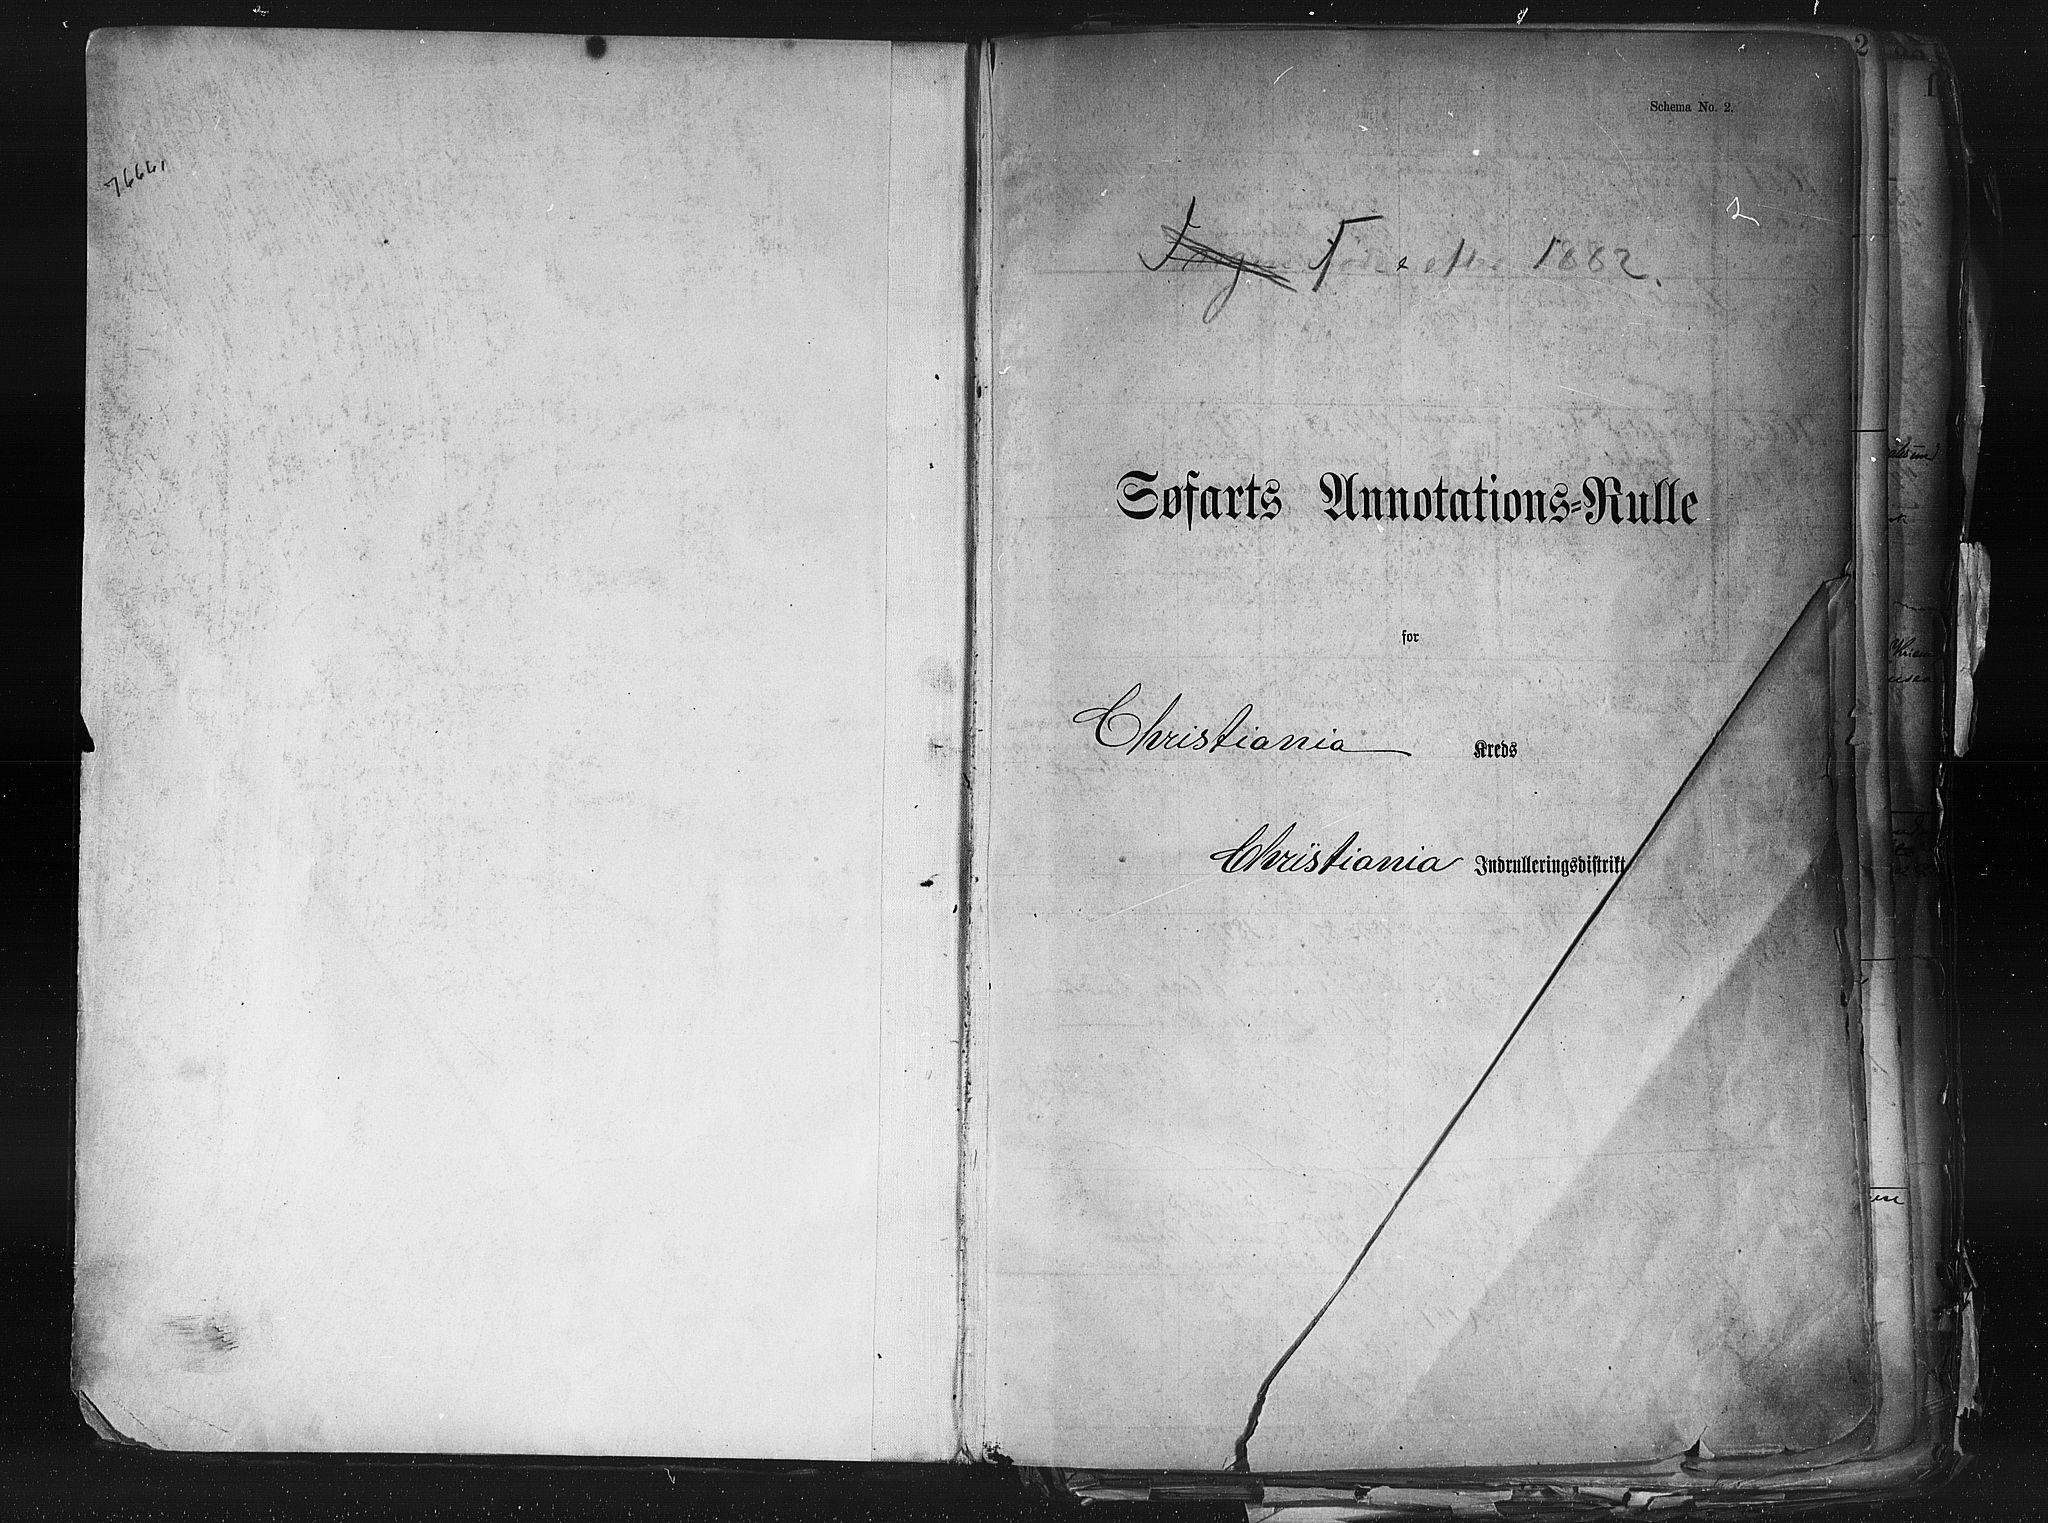 SAO, Oslo mønstringskontor, F/Fc/Fca/L0004: Annotasjonsrulle, 1897-1908, s. upaginert